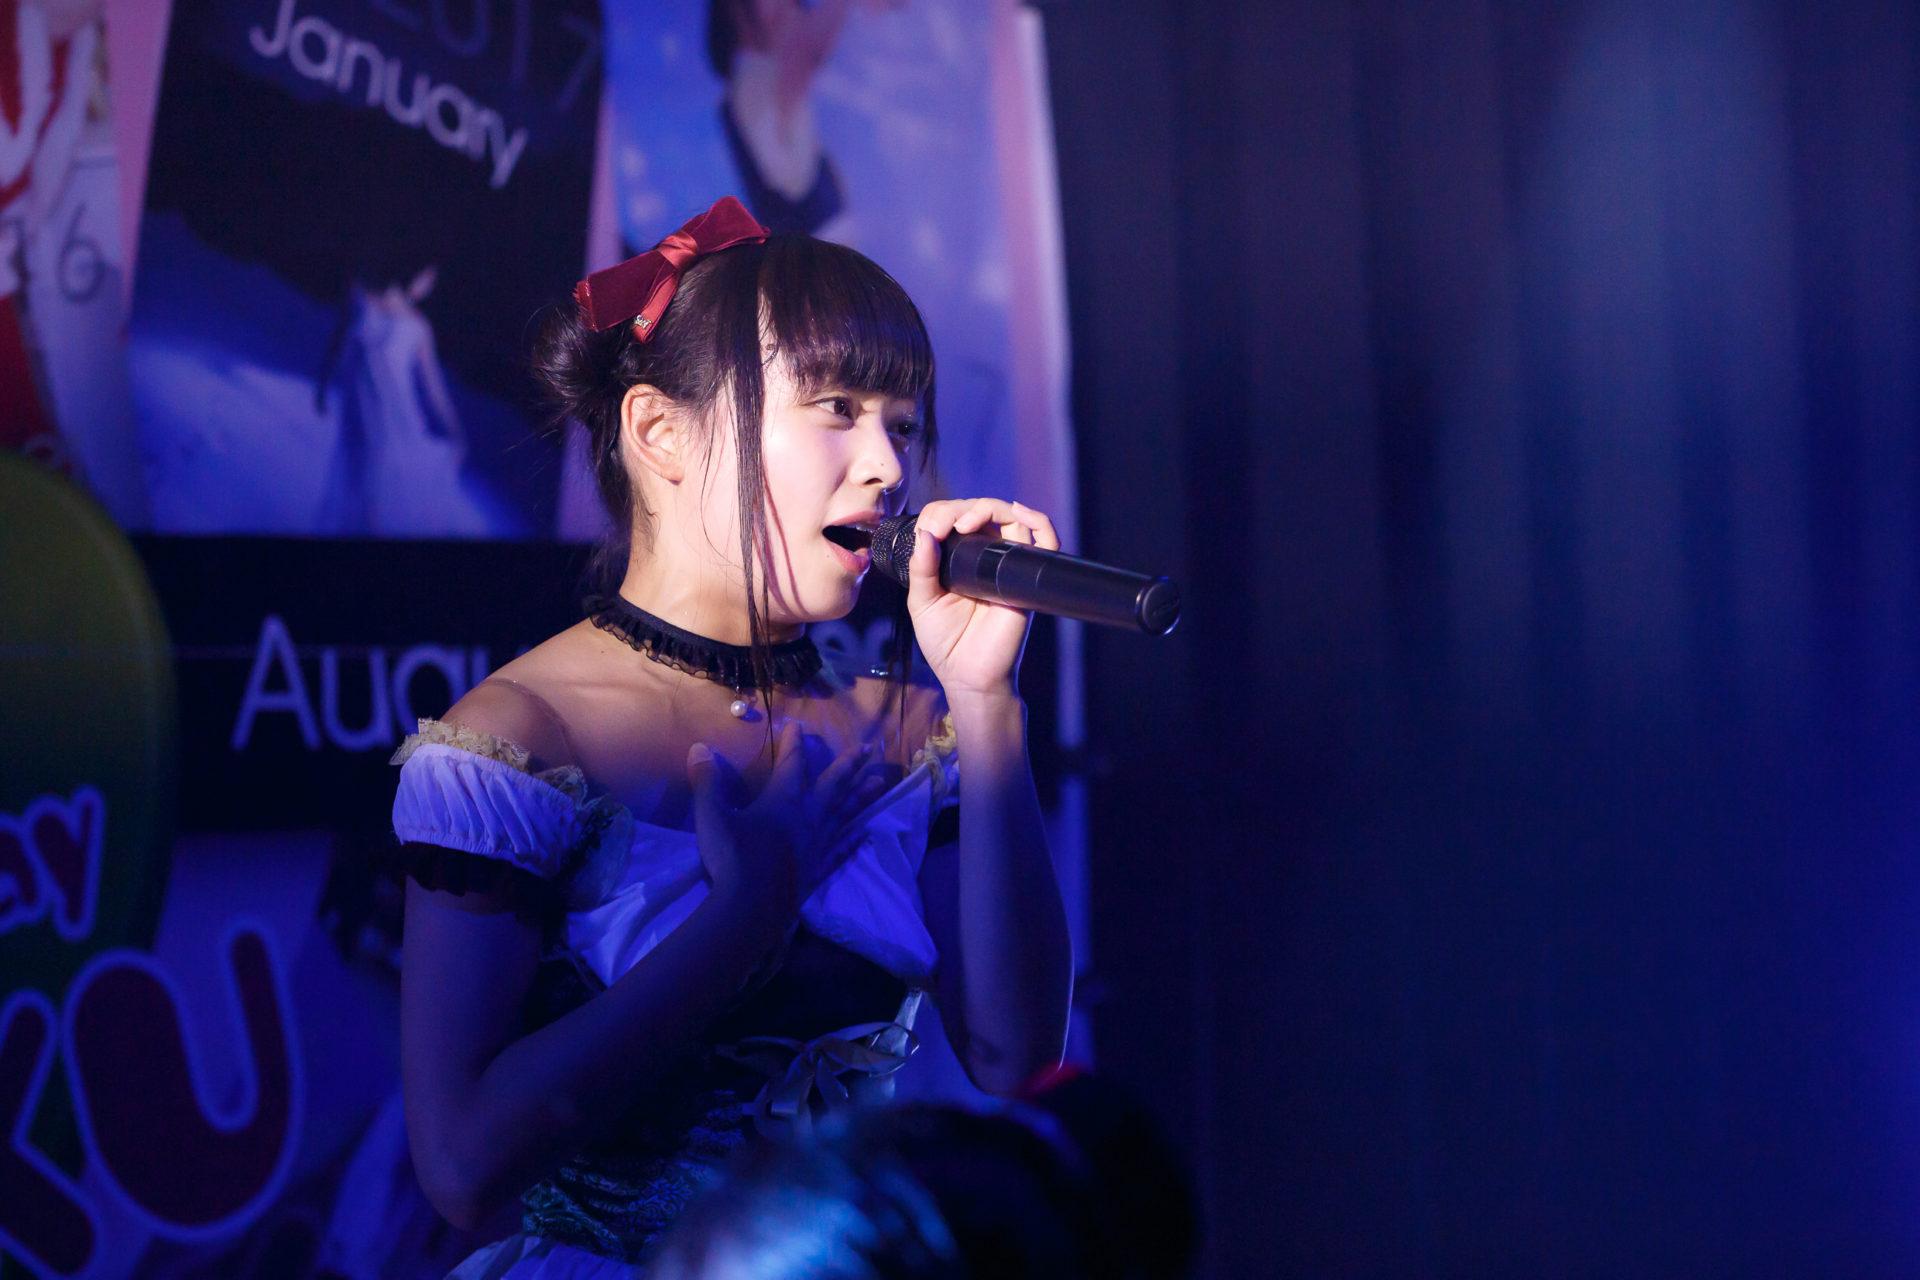 2代目HAPPY少女♪ ゆいな ( 宮崎ゆいな ) | ハピパvol.21~みく生誕祭~